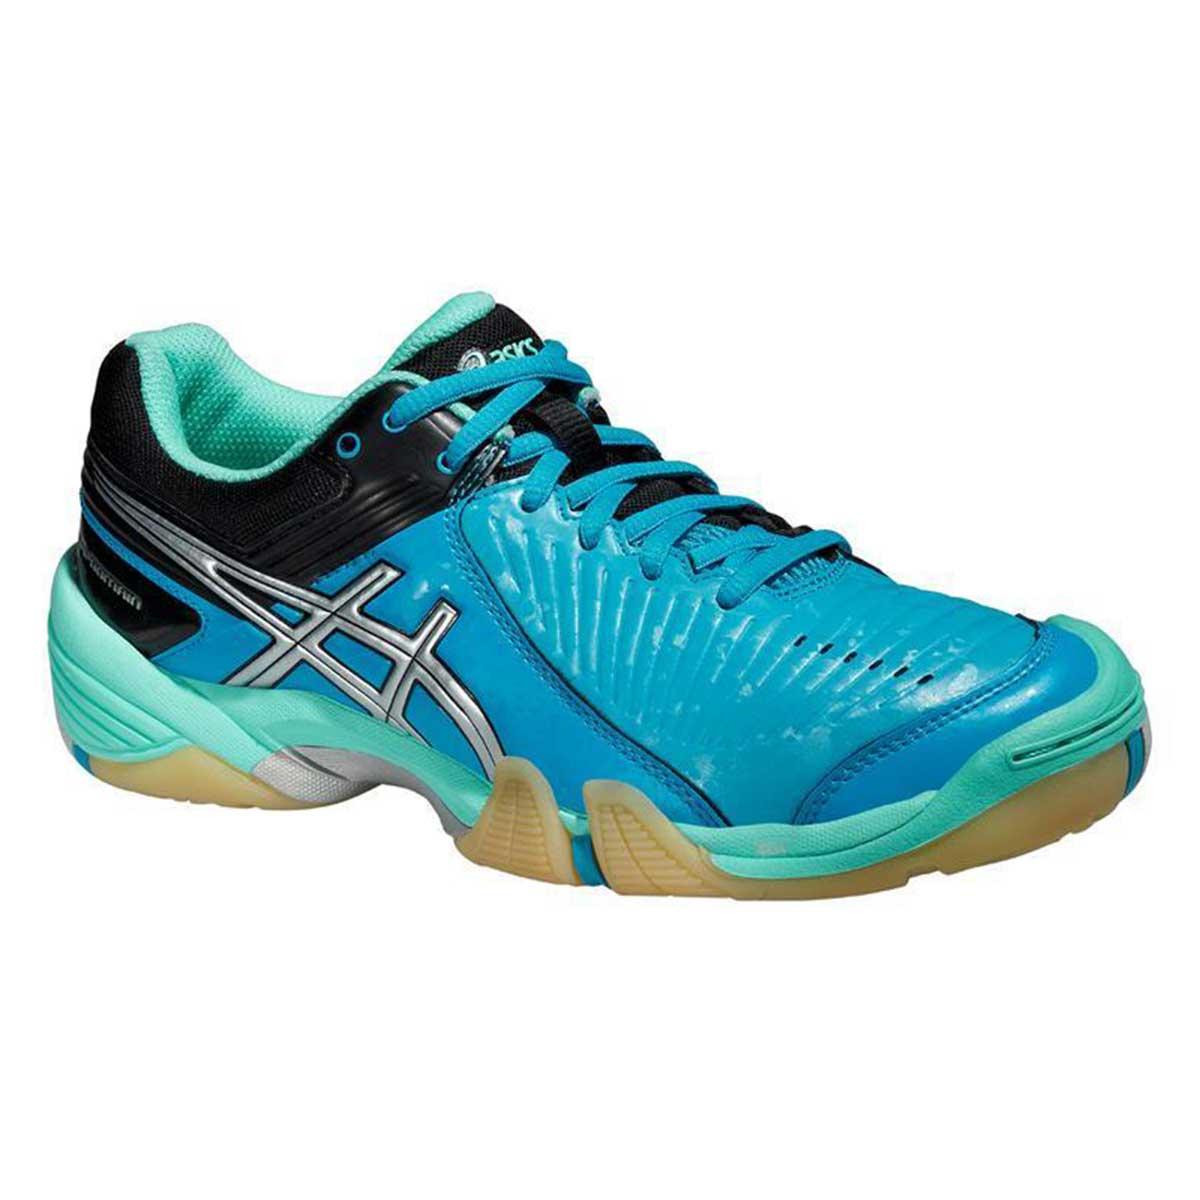 asics shoes jalandhar cantt requirement 657605